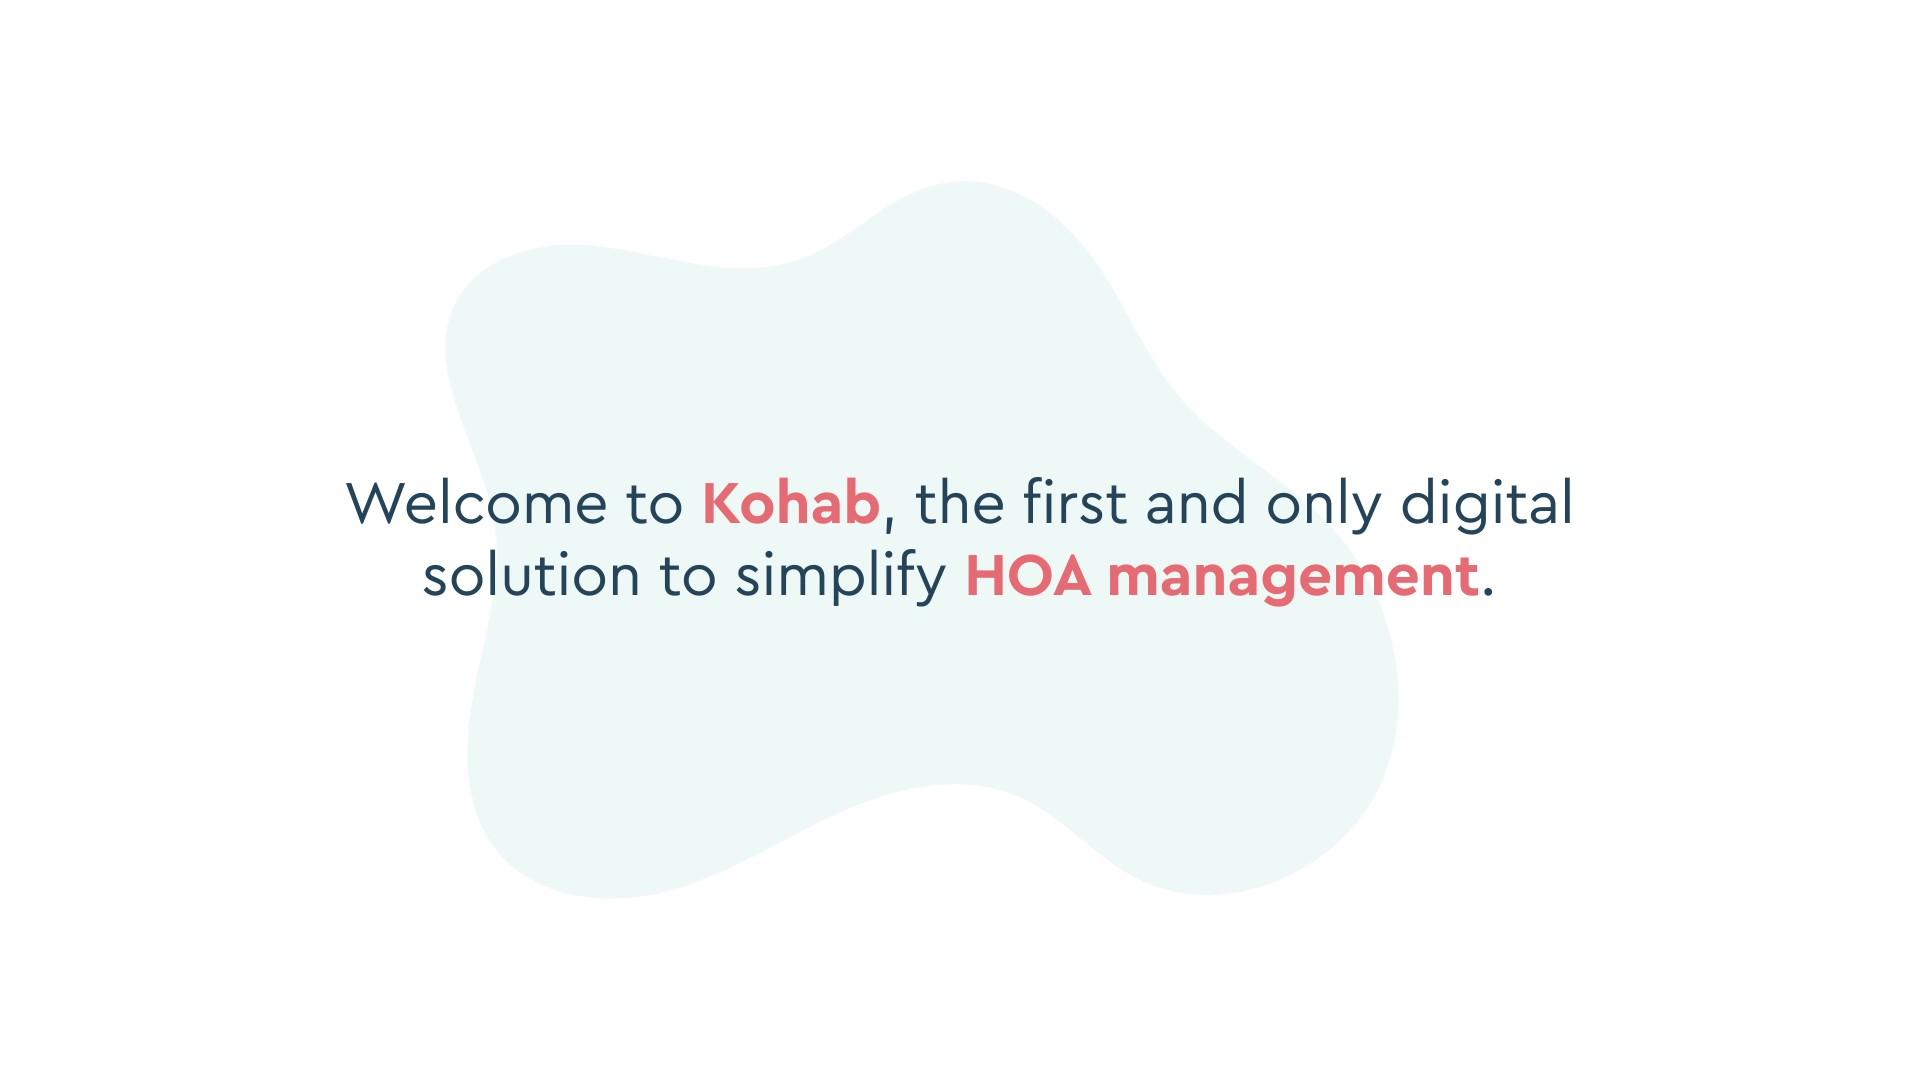 Kohab video 2020